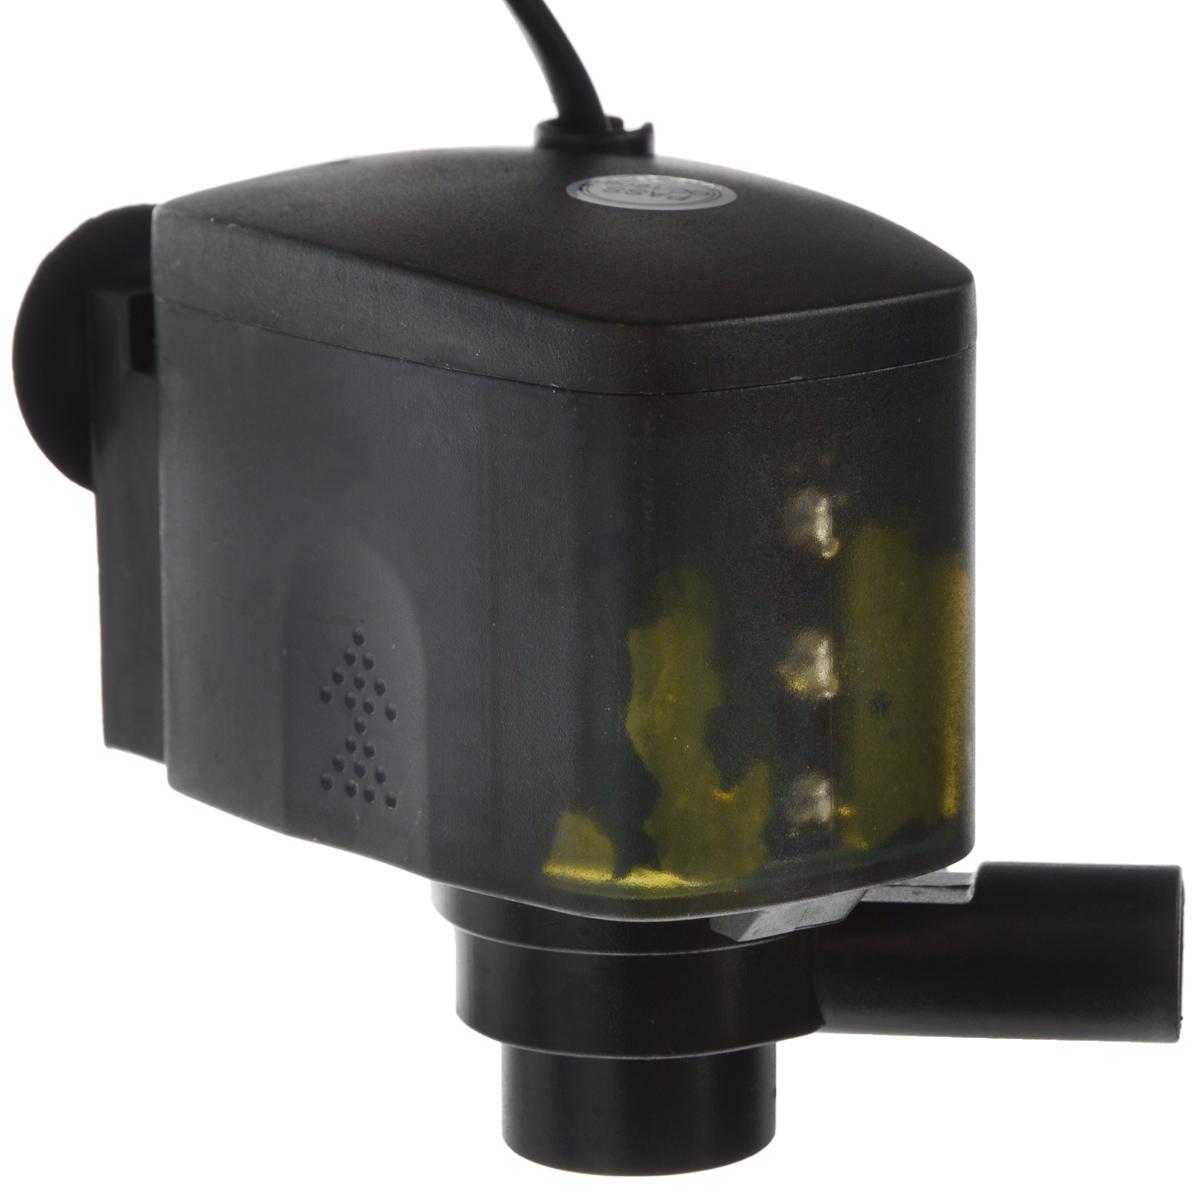 """Помпа для аквариума Barbus """"LED-188"""", водяная, с индикаторами LED, 1200 л/ч, 20 Вт PUMP 008"""